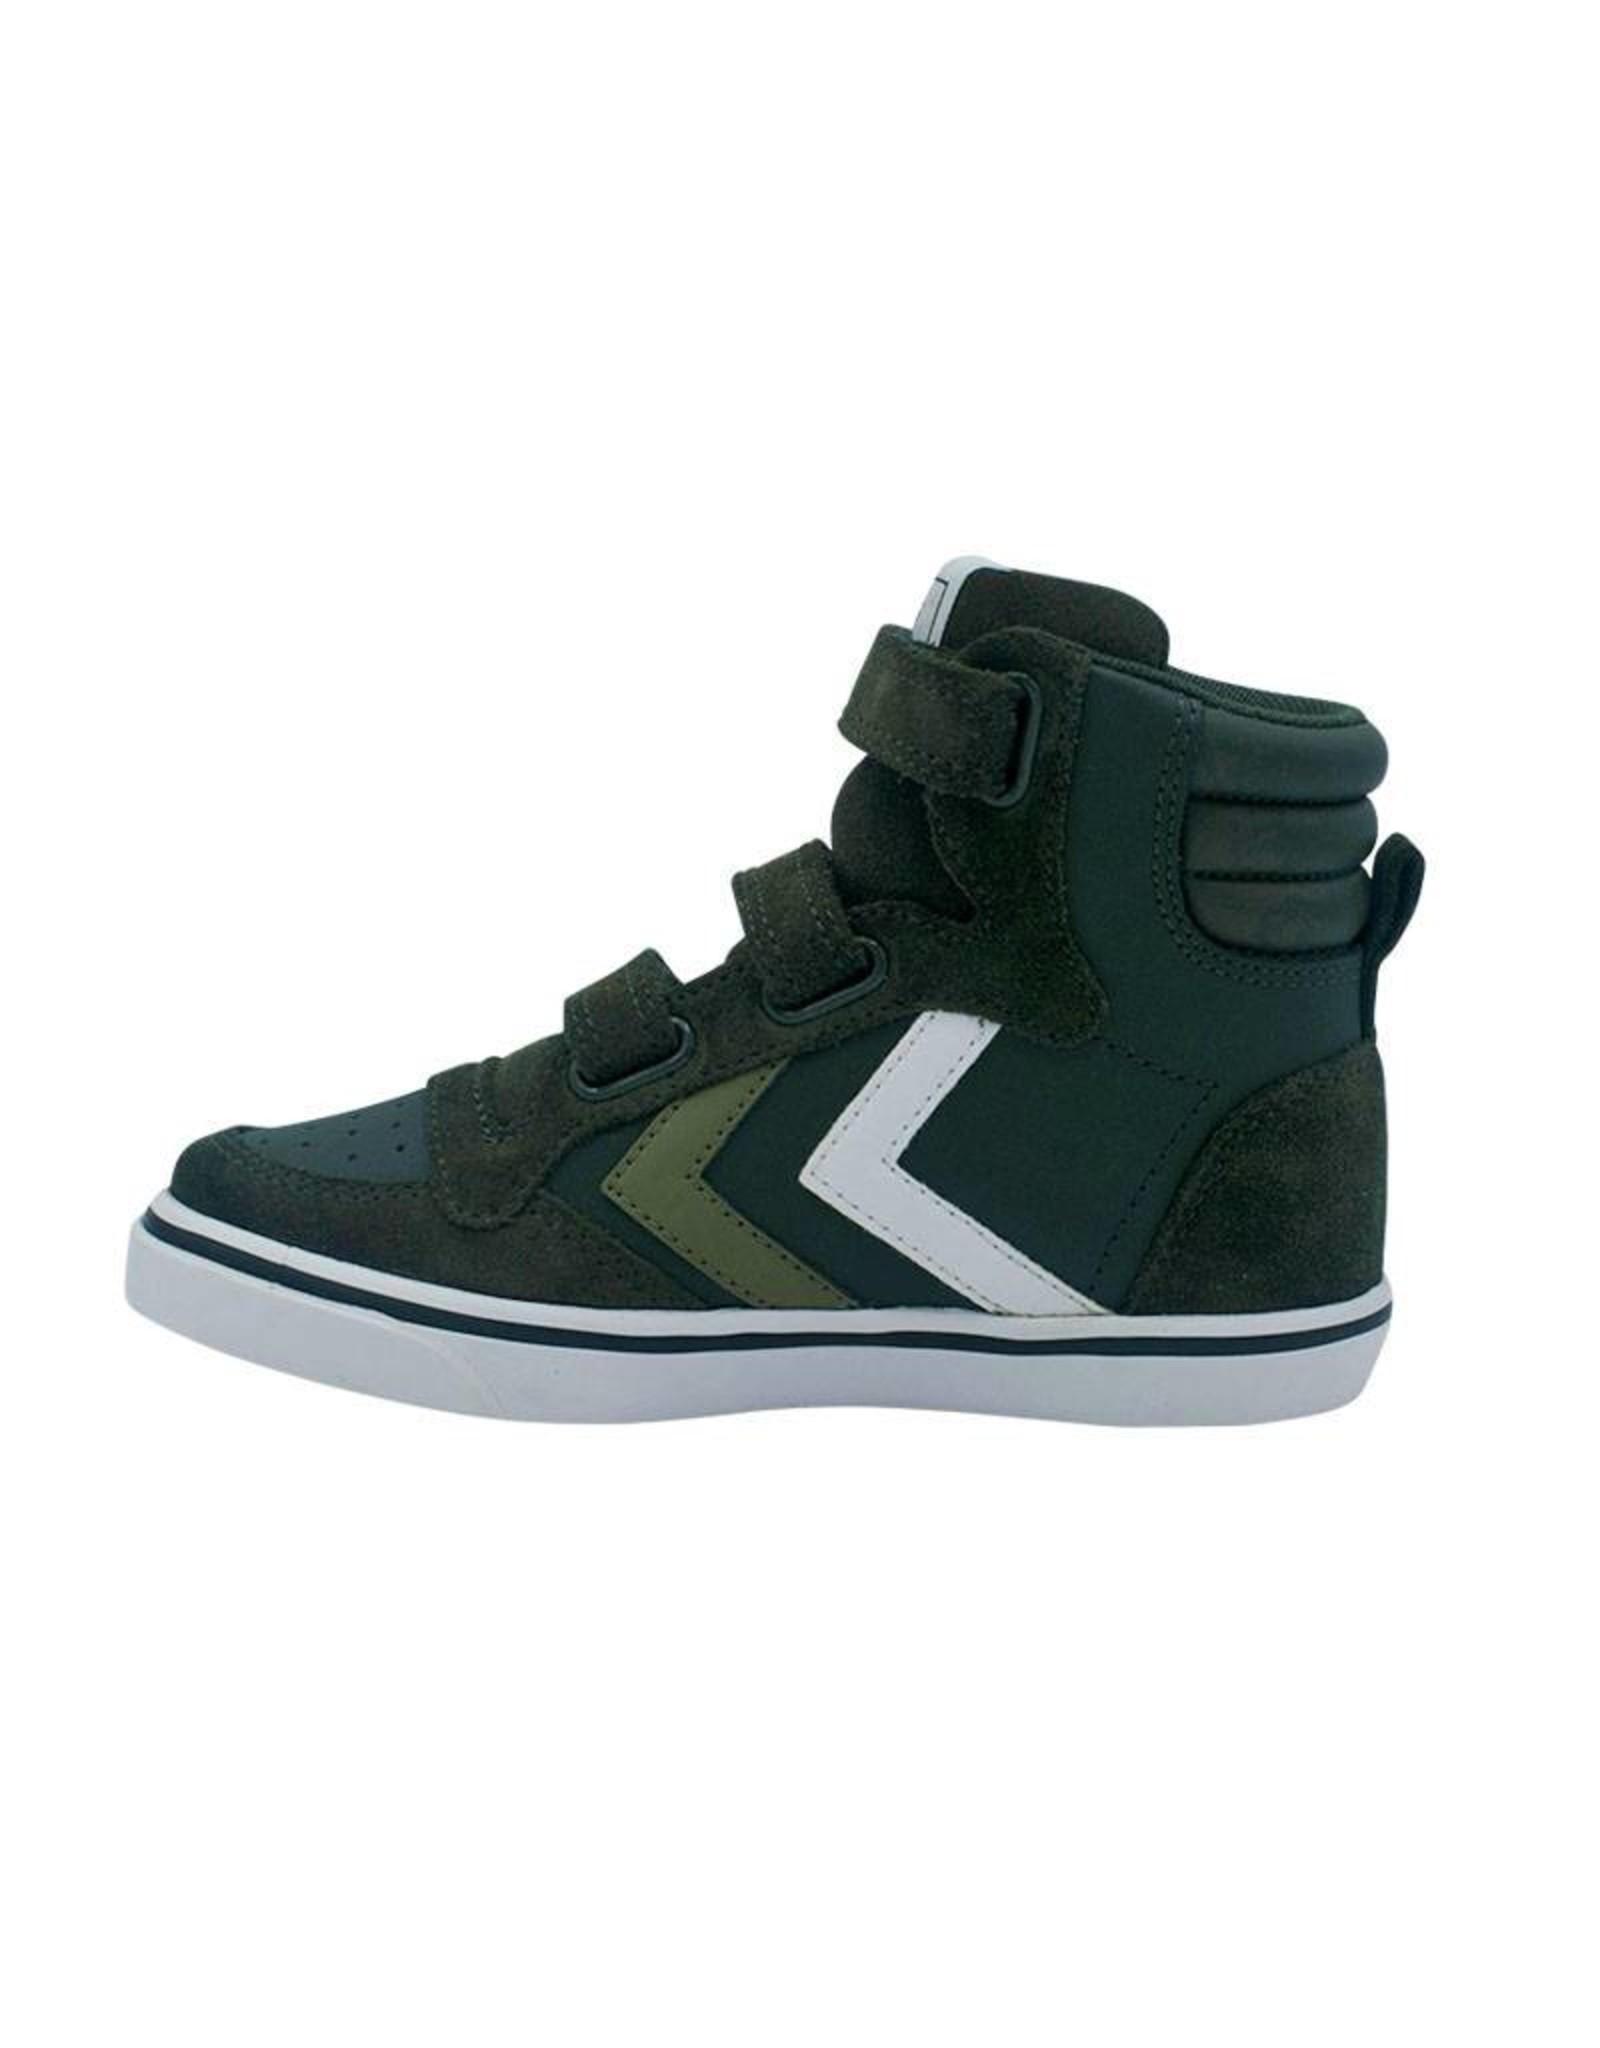 HUMMEL HUMMEL sneaker groen